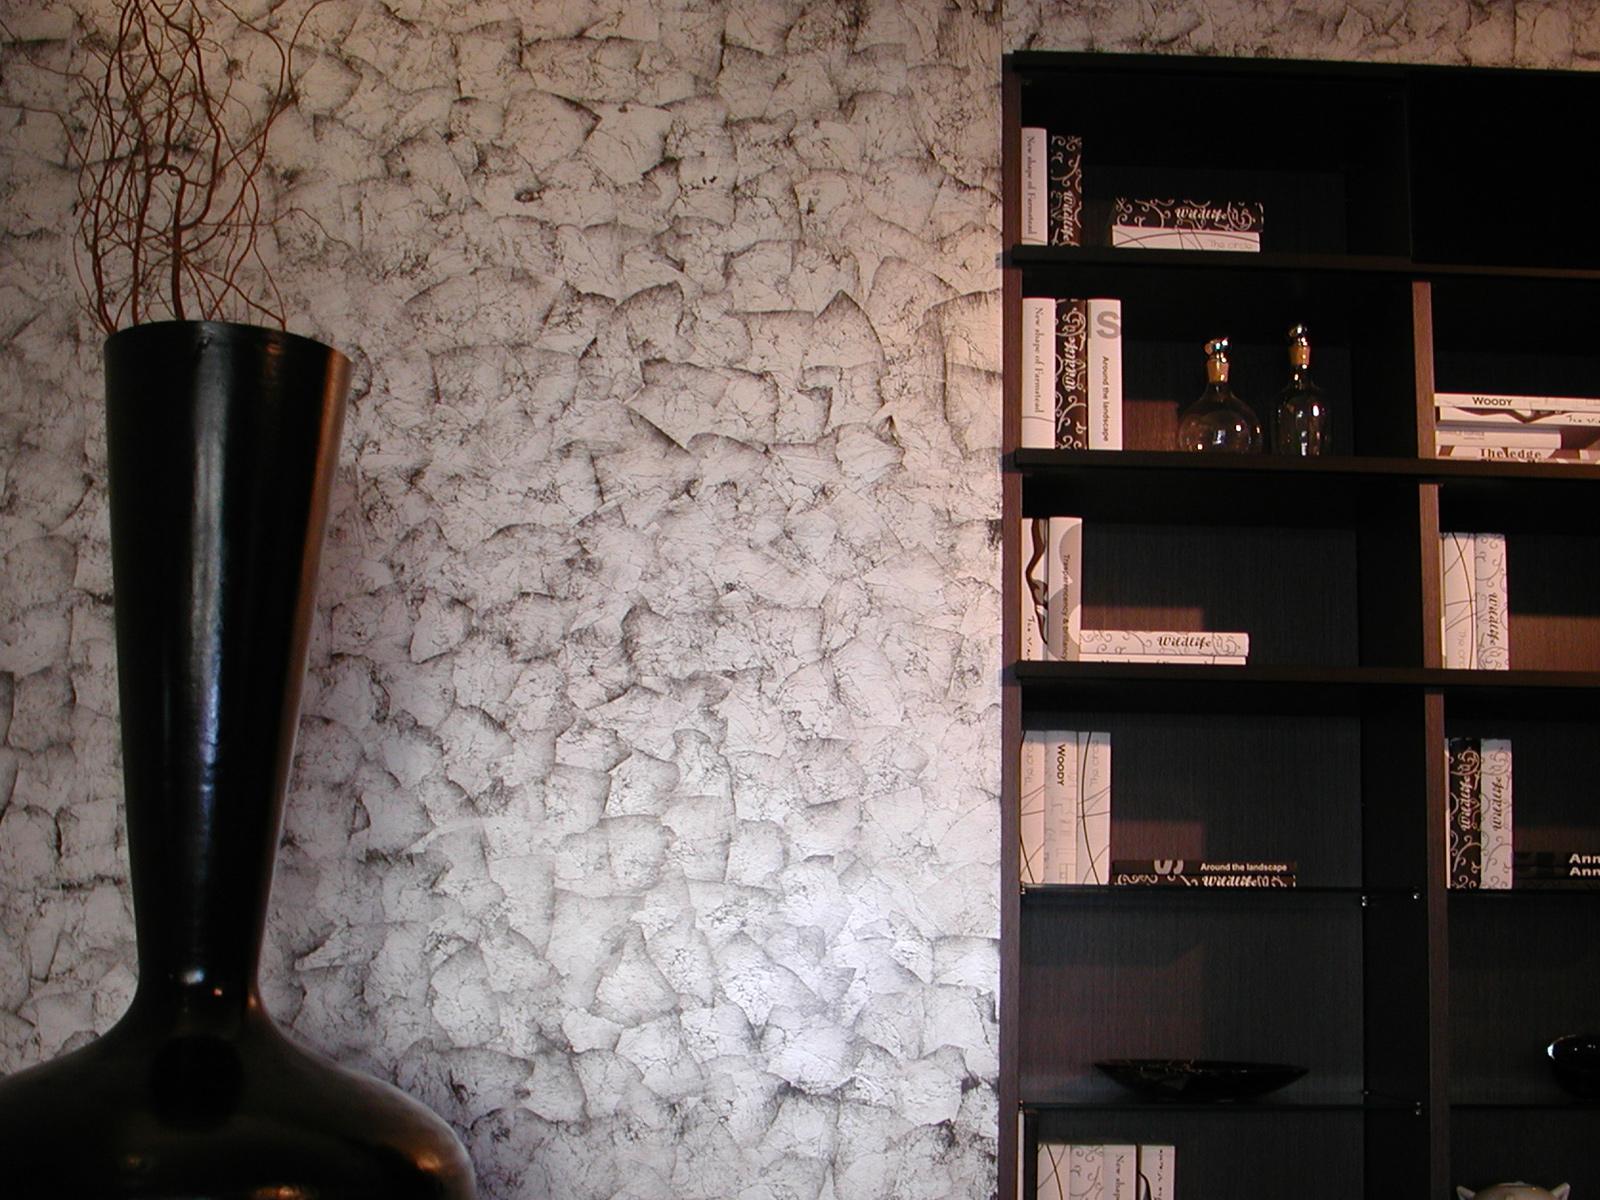 Foglia argento effetto stropiccio, esposizione, Monza e Brianza